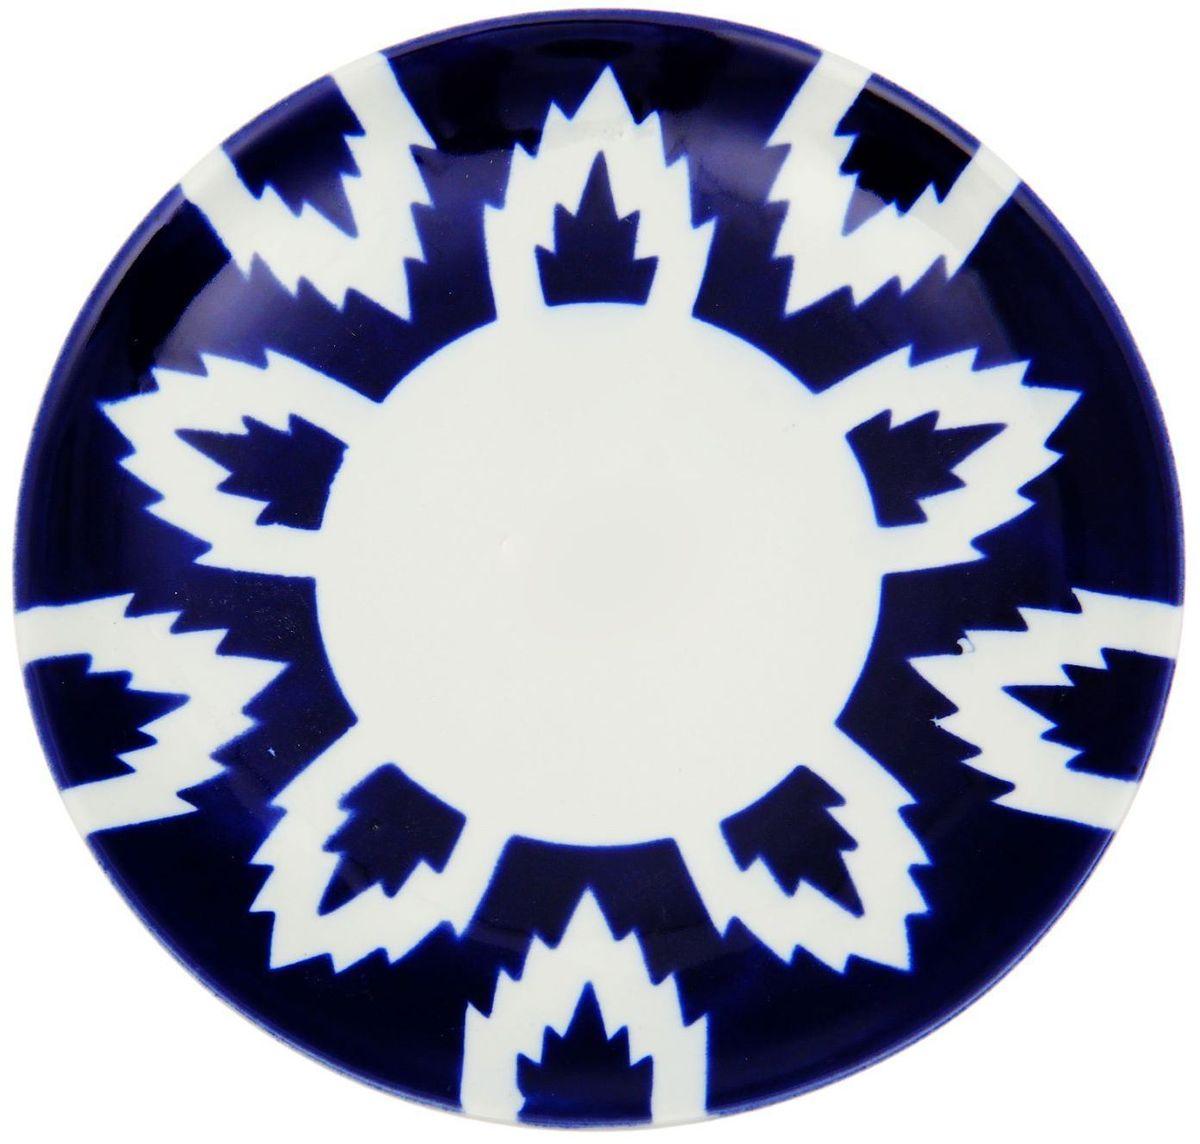 Тарелка Turon Porcelain Атлас, цвет: белый, синий, диаметр 19,5 см1625381Тарелка Turon Porcelain Атлас, выполненная из качественного фарфора, подойдет для повседневной и праздничной сервировки. Дополните стол текстилем и салфетками в тон, чтобы получить элегантное убранство с яркими акцентами. Национальная узбекская роспись Атлас имеет симметричный геометрический рисунок. Узоры, похожие на листья, выводятся тонкой кистью, фон заливается темно-синим кобальтом. Синий краситель при обжиге слегка растекается и придает контуру изображений голубой оттенок. Густая глазурь наносится толстым слоем, благодаря чему рисунок мерцает. Узбекская посуда известна всему миру уже более тысячи лет. Ей любовались царские особы, на ней подавали еду для шейхов и знатных персон. Формулы красок и глазури передаются из поколения в поколение. По сей день качественные расписные изделия продолжают восхищать совершенством и завораживающей красотой.